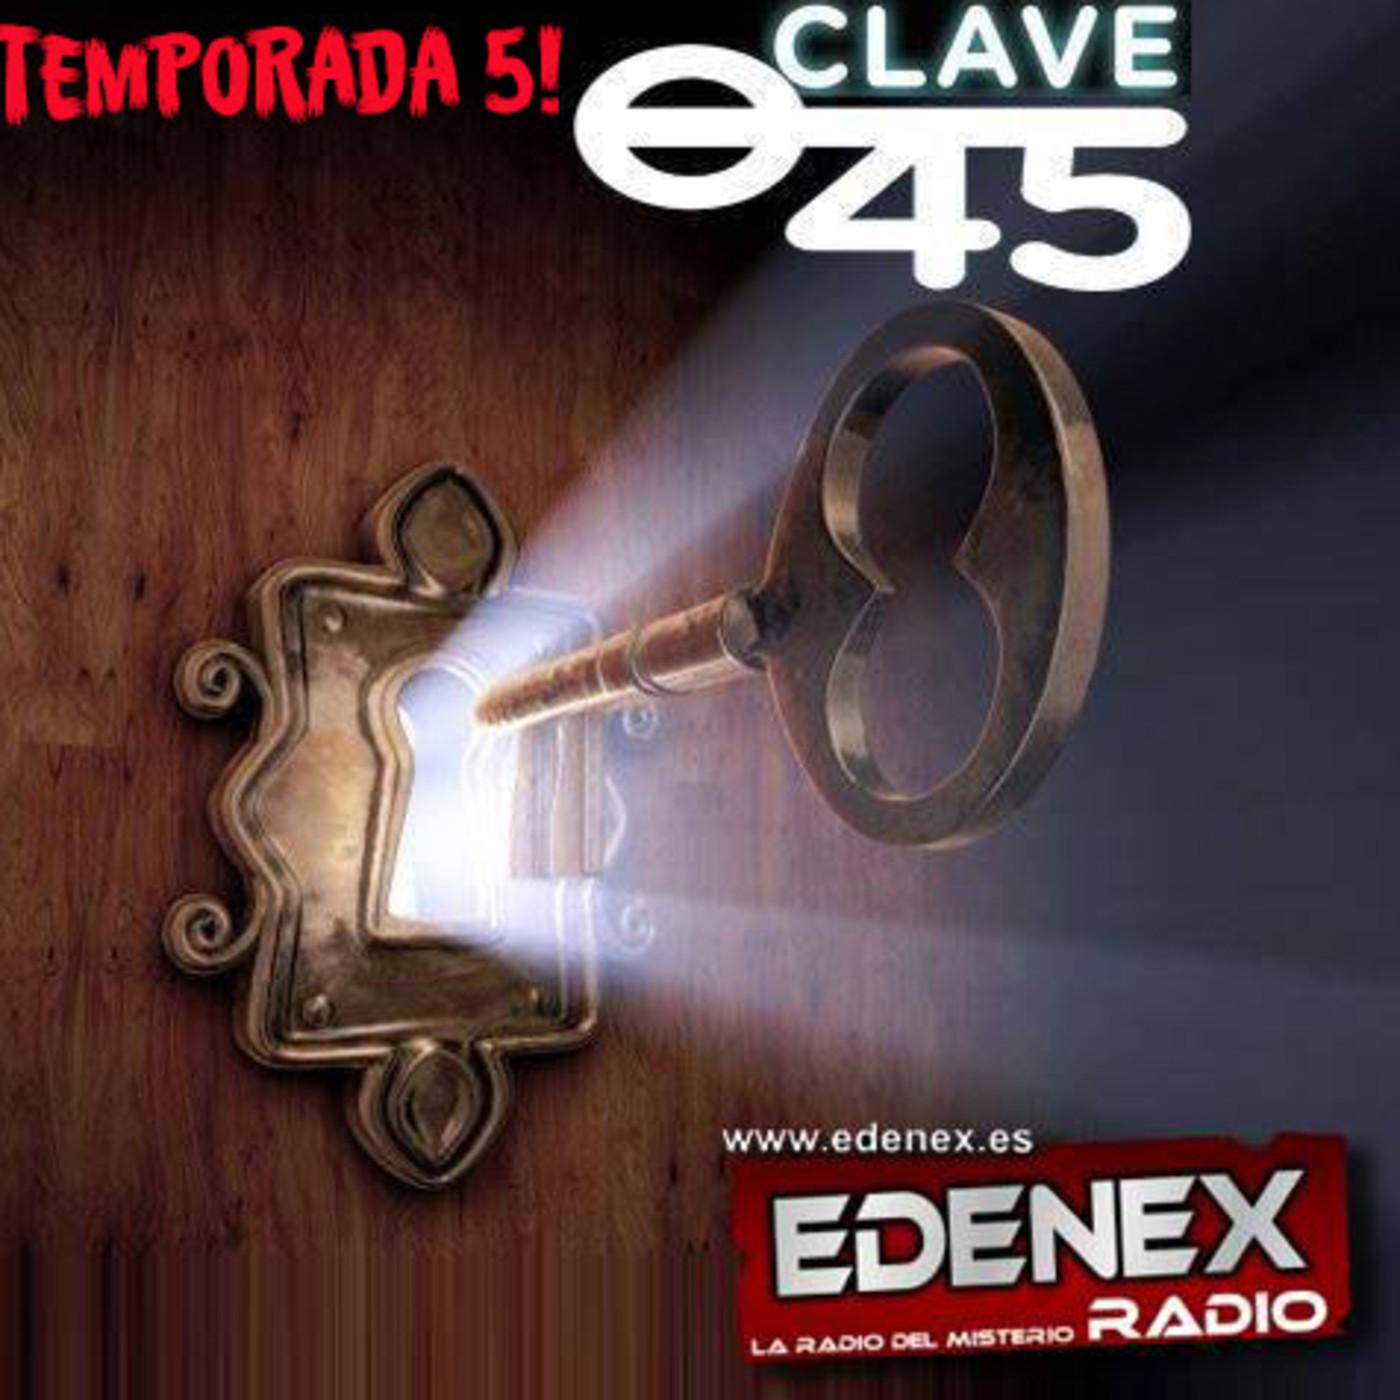 Clave 45. T5. Ep 163. La Censura en las redes sociales. Con Miguel Angel Ruiz